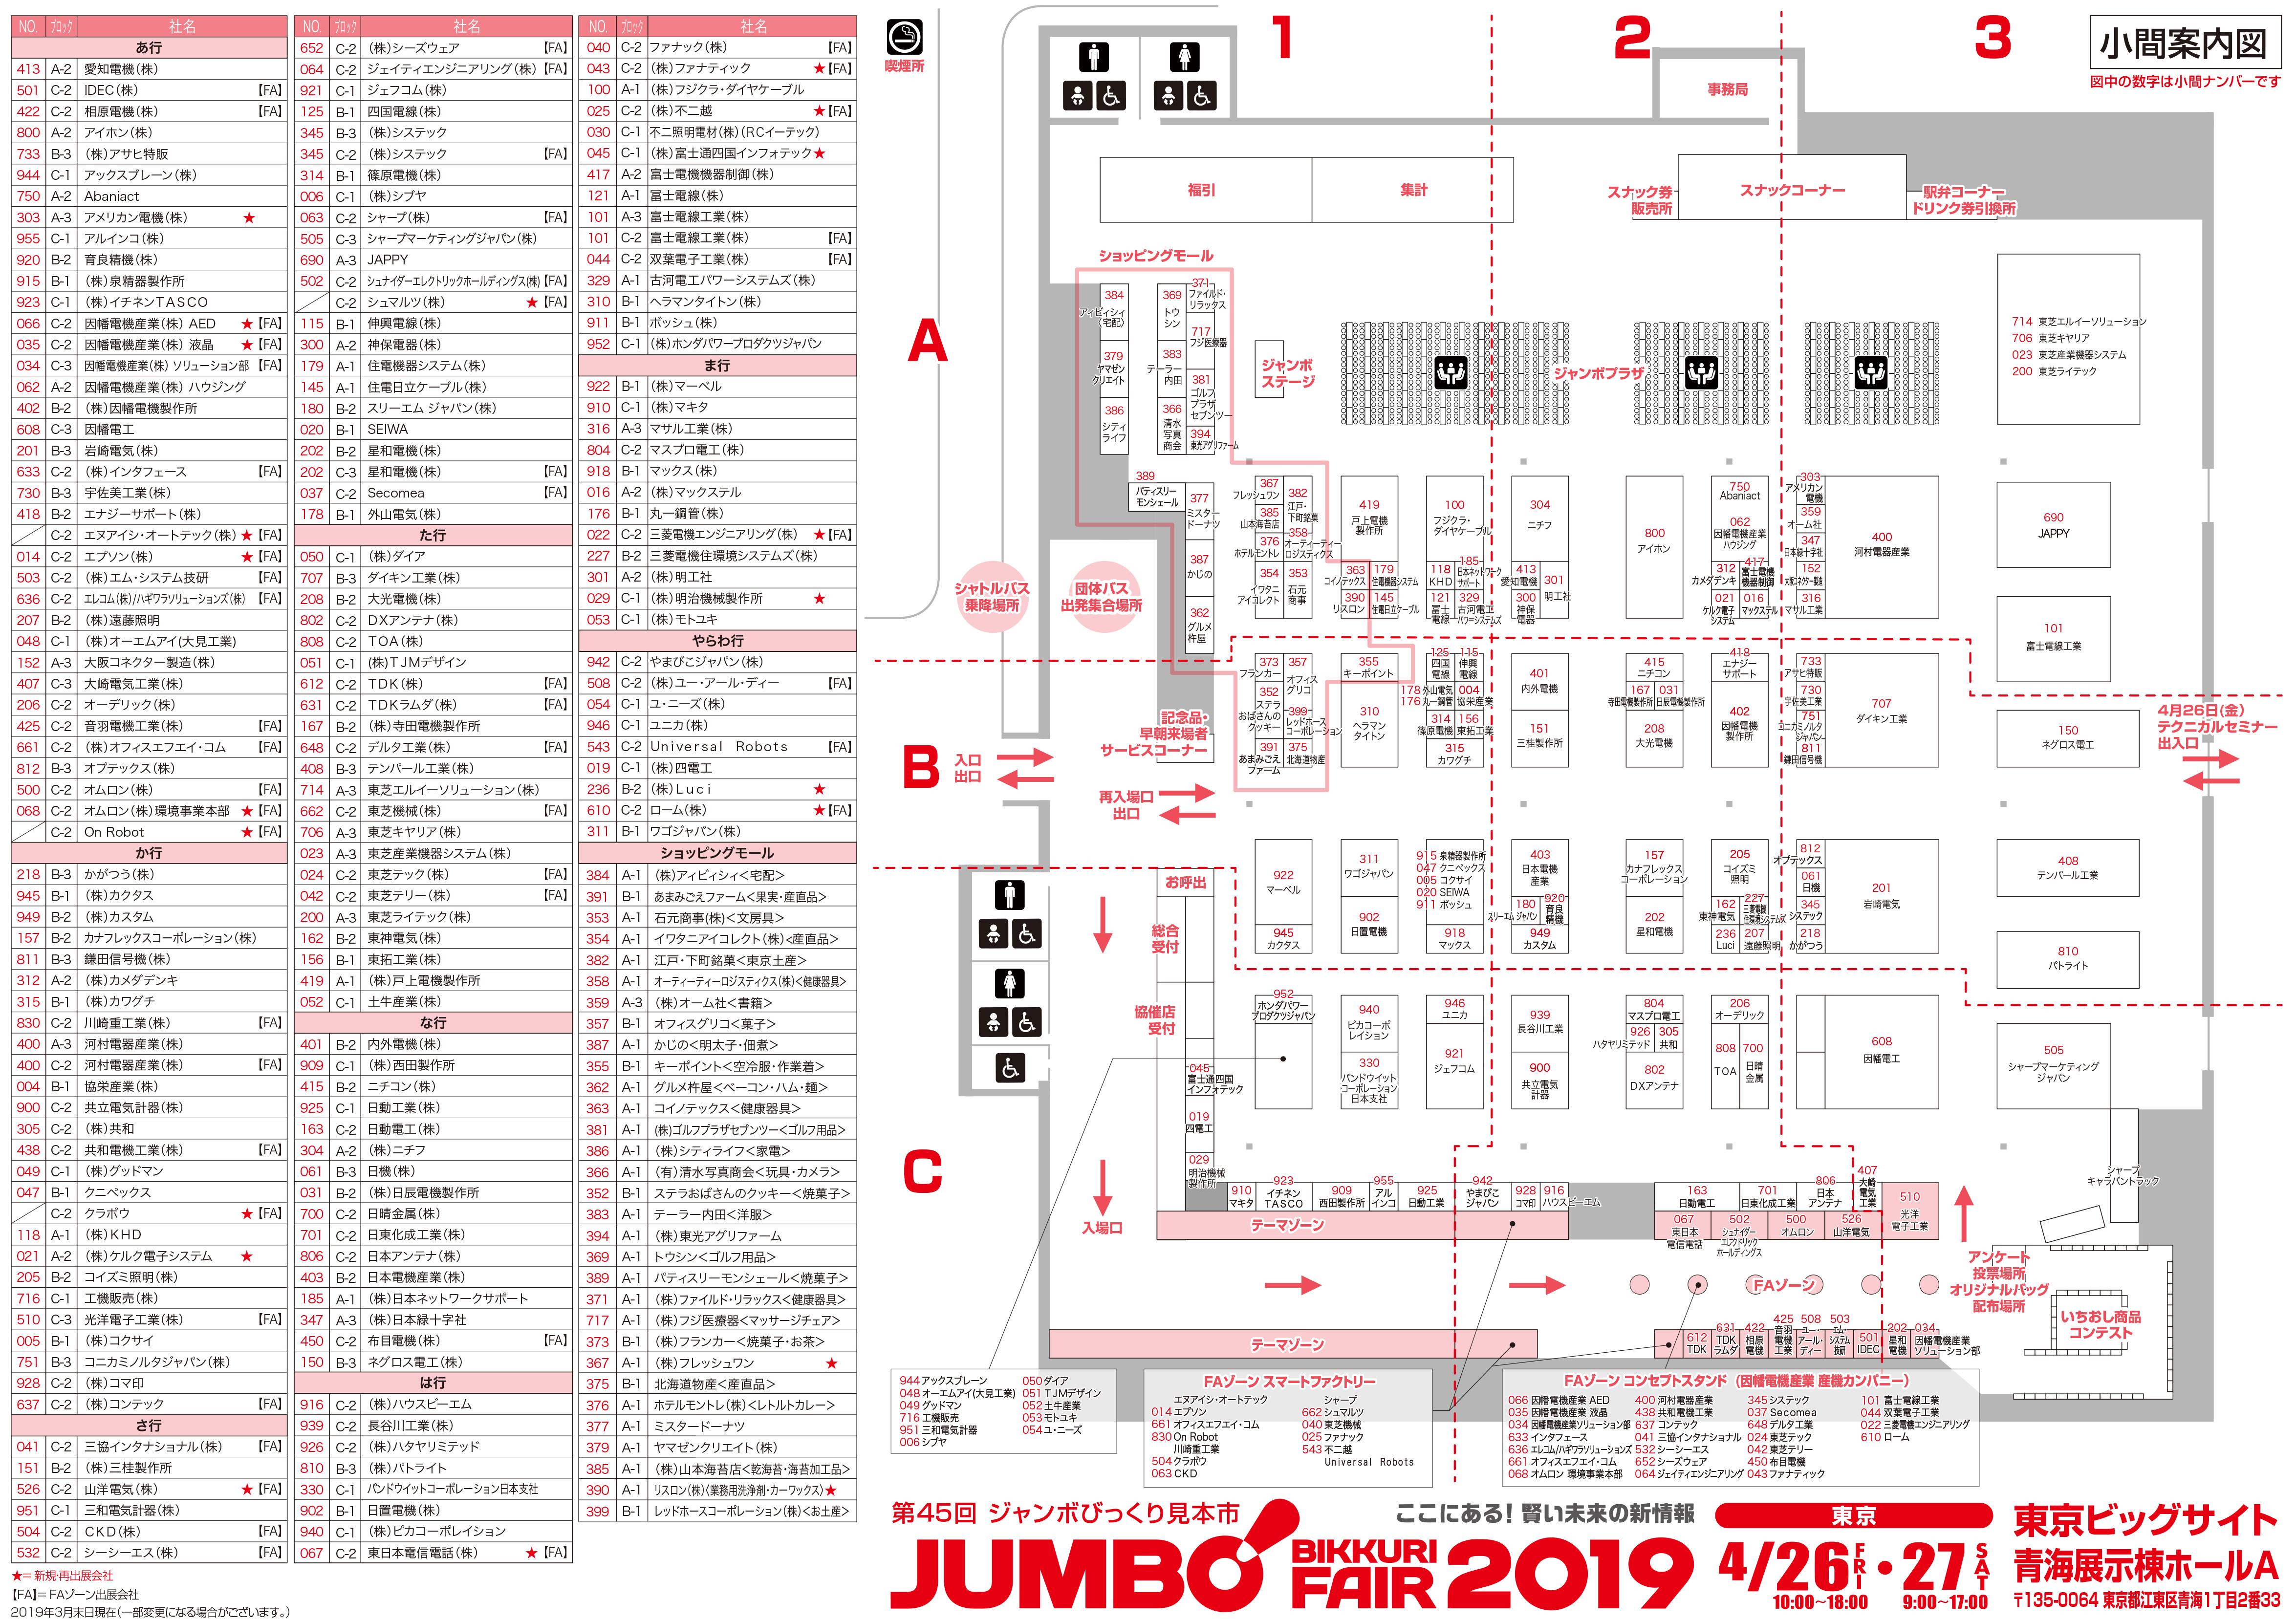 【ジャンボびっくり見本市】ついに公開!東京会場:小間割図の画像